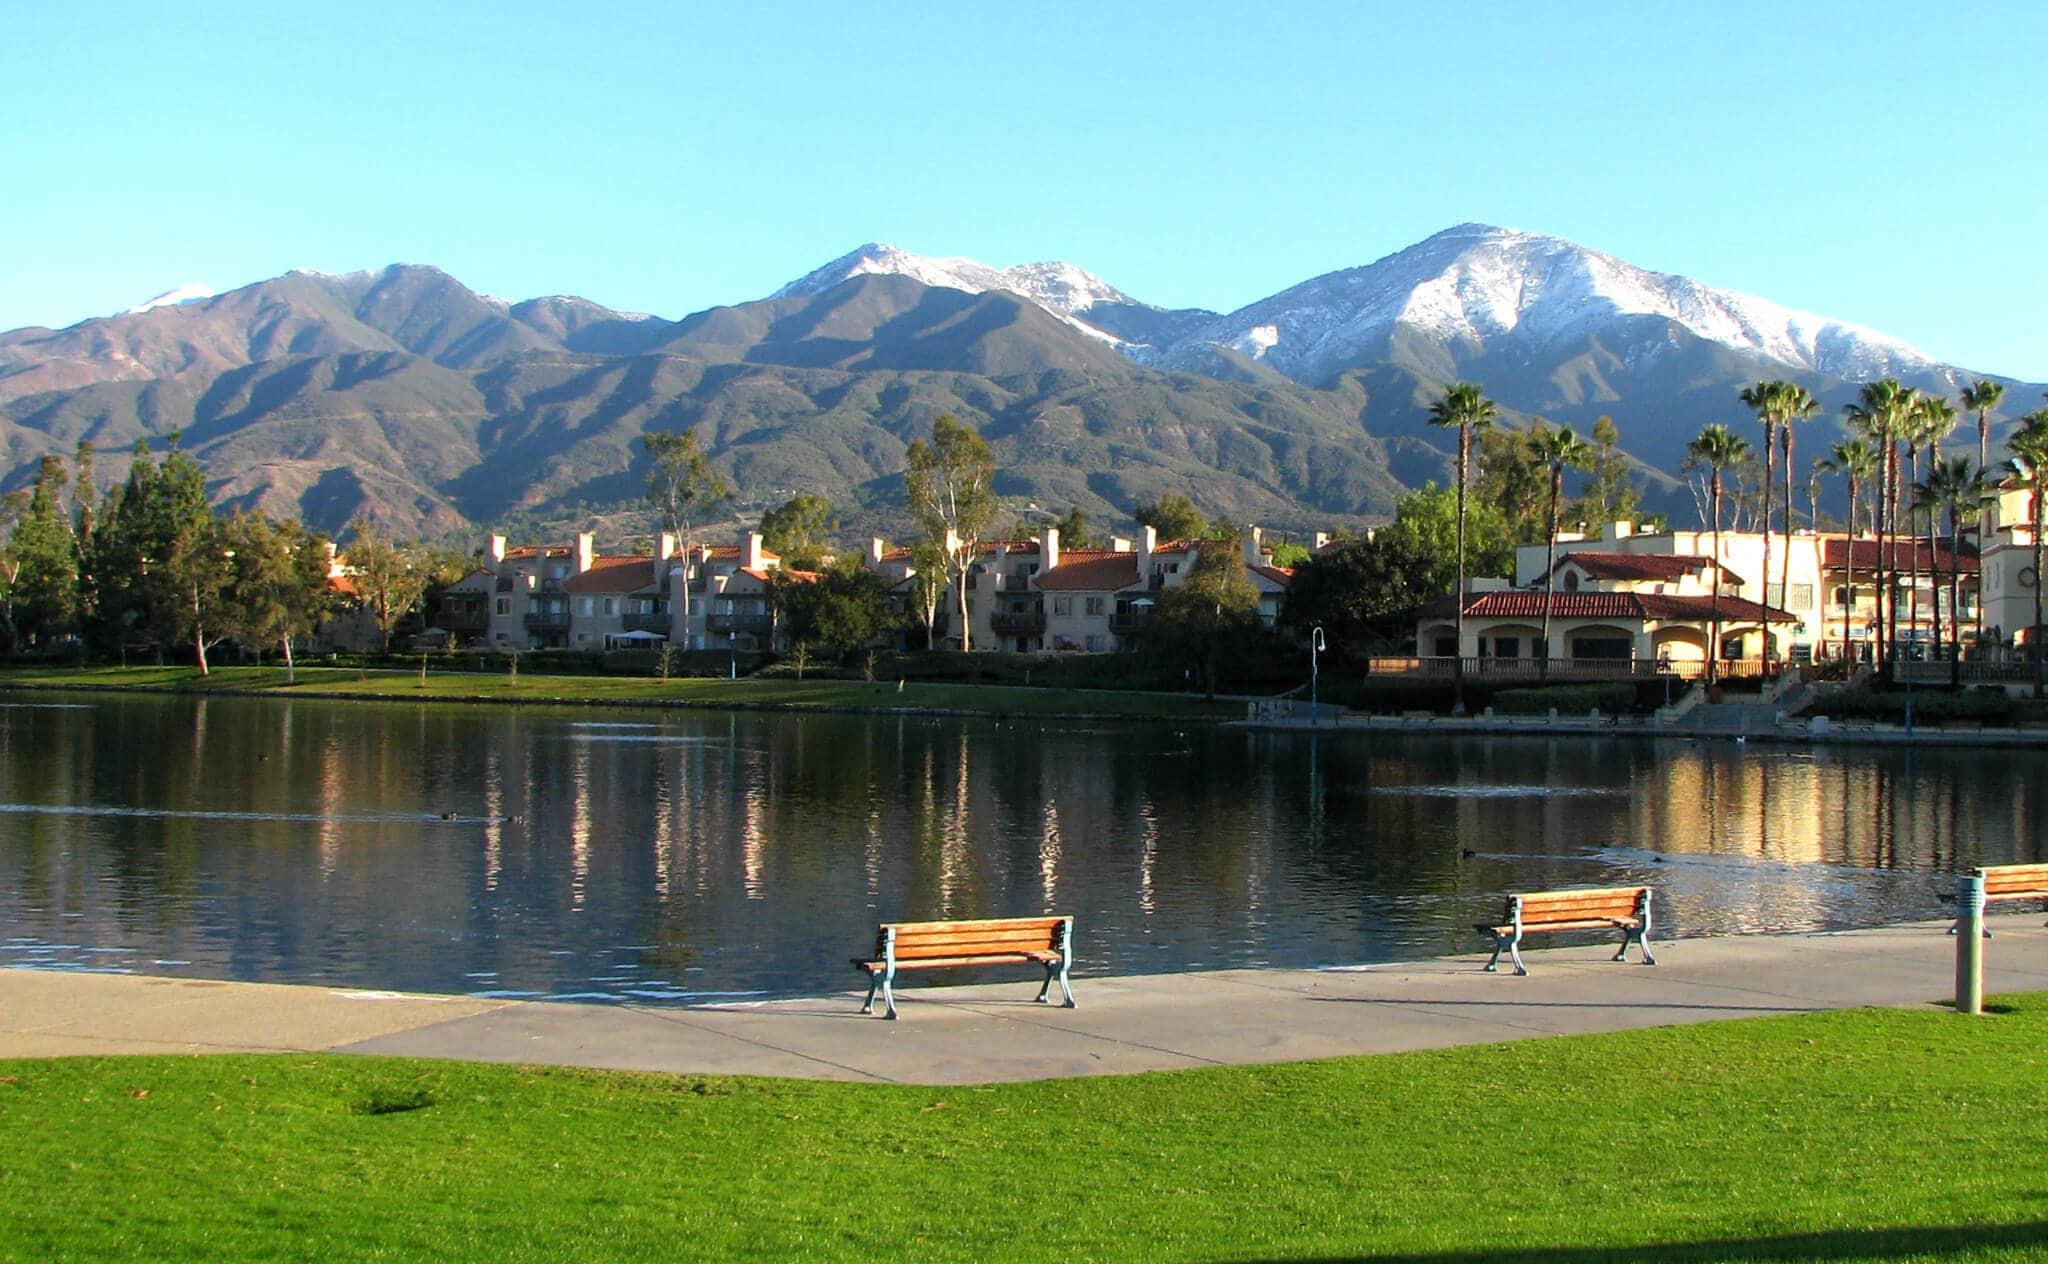 RSM-Rancho-Santa-Margarita-Lake-04